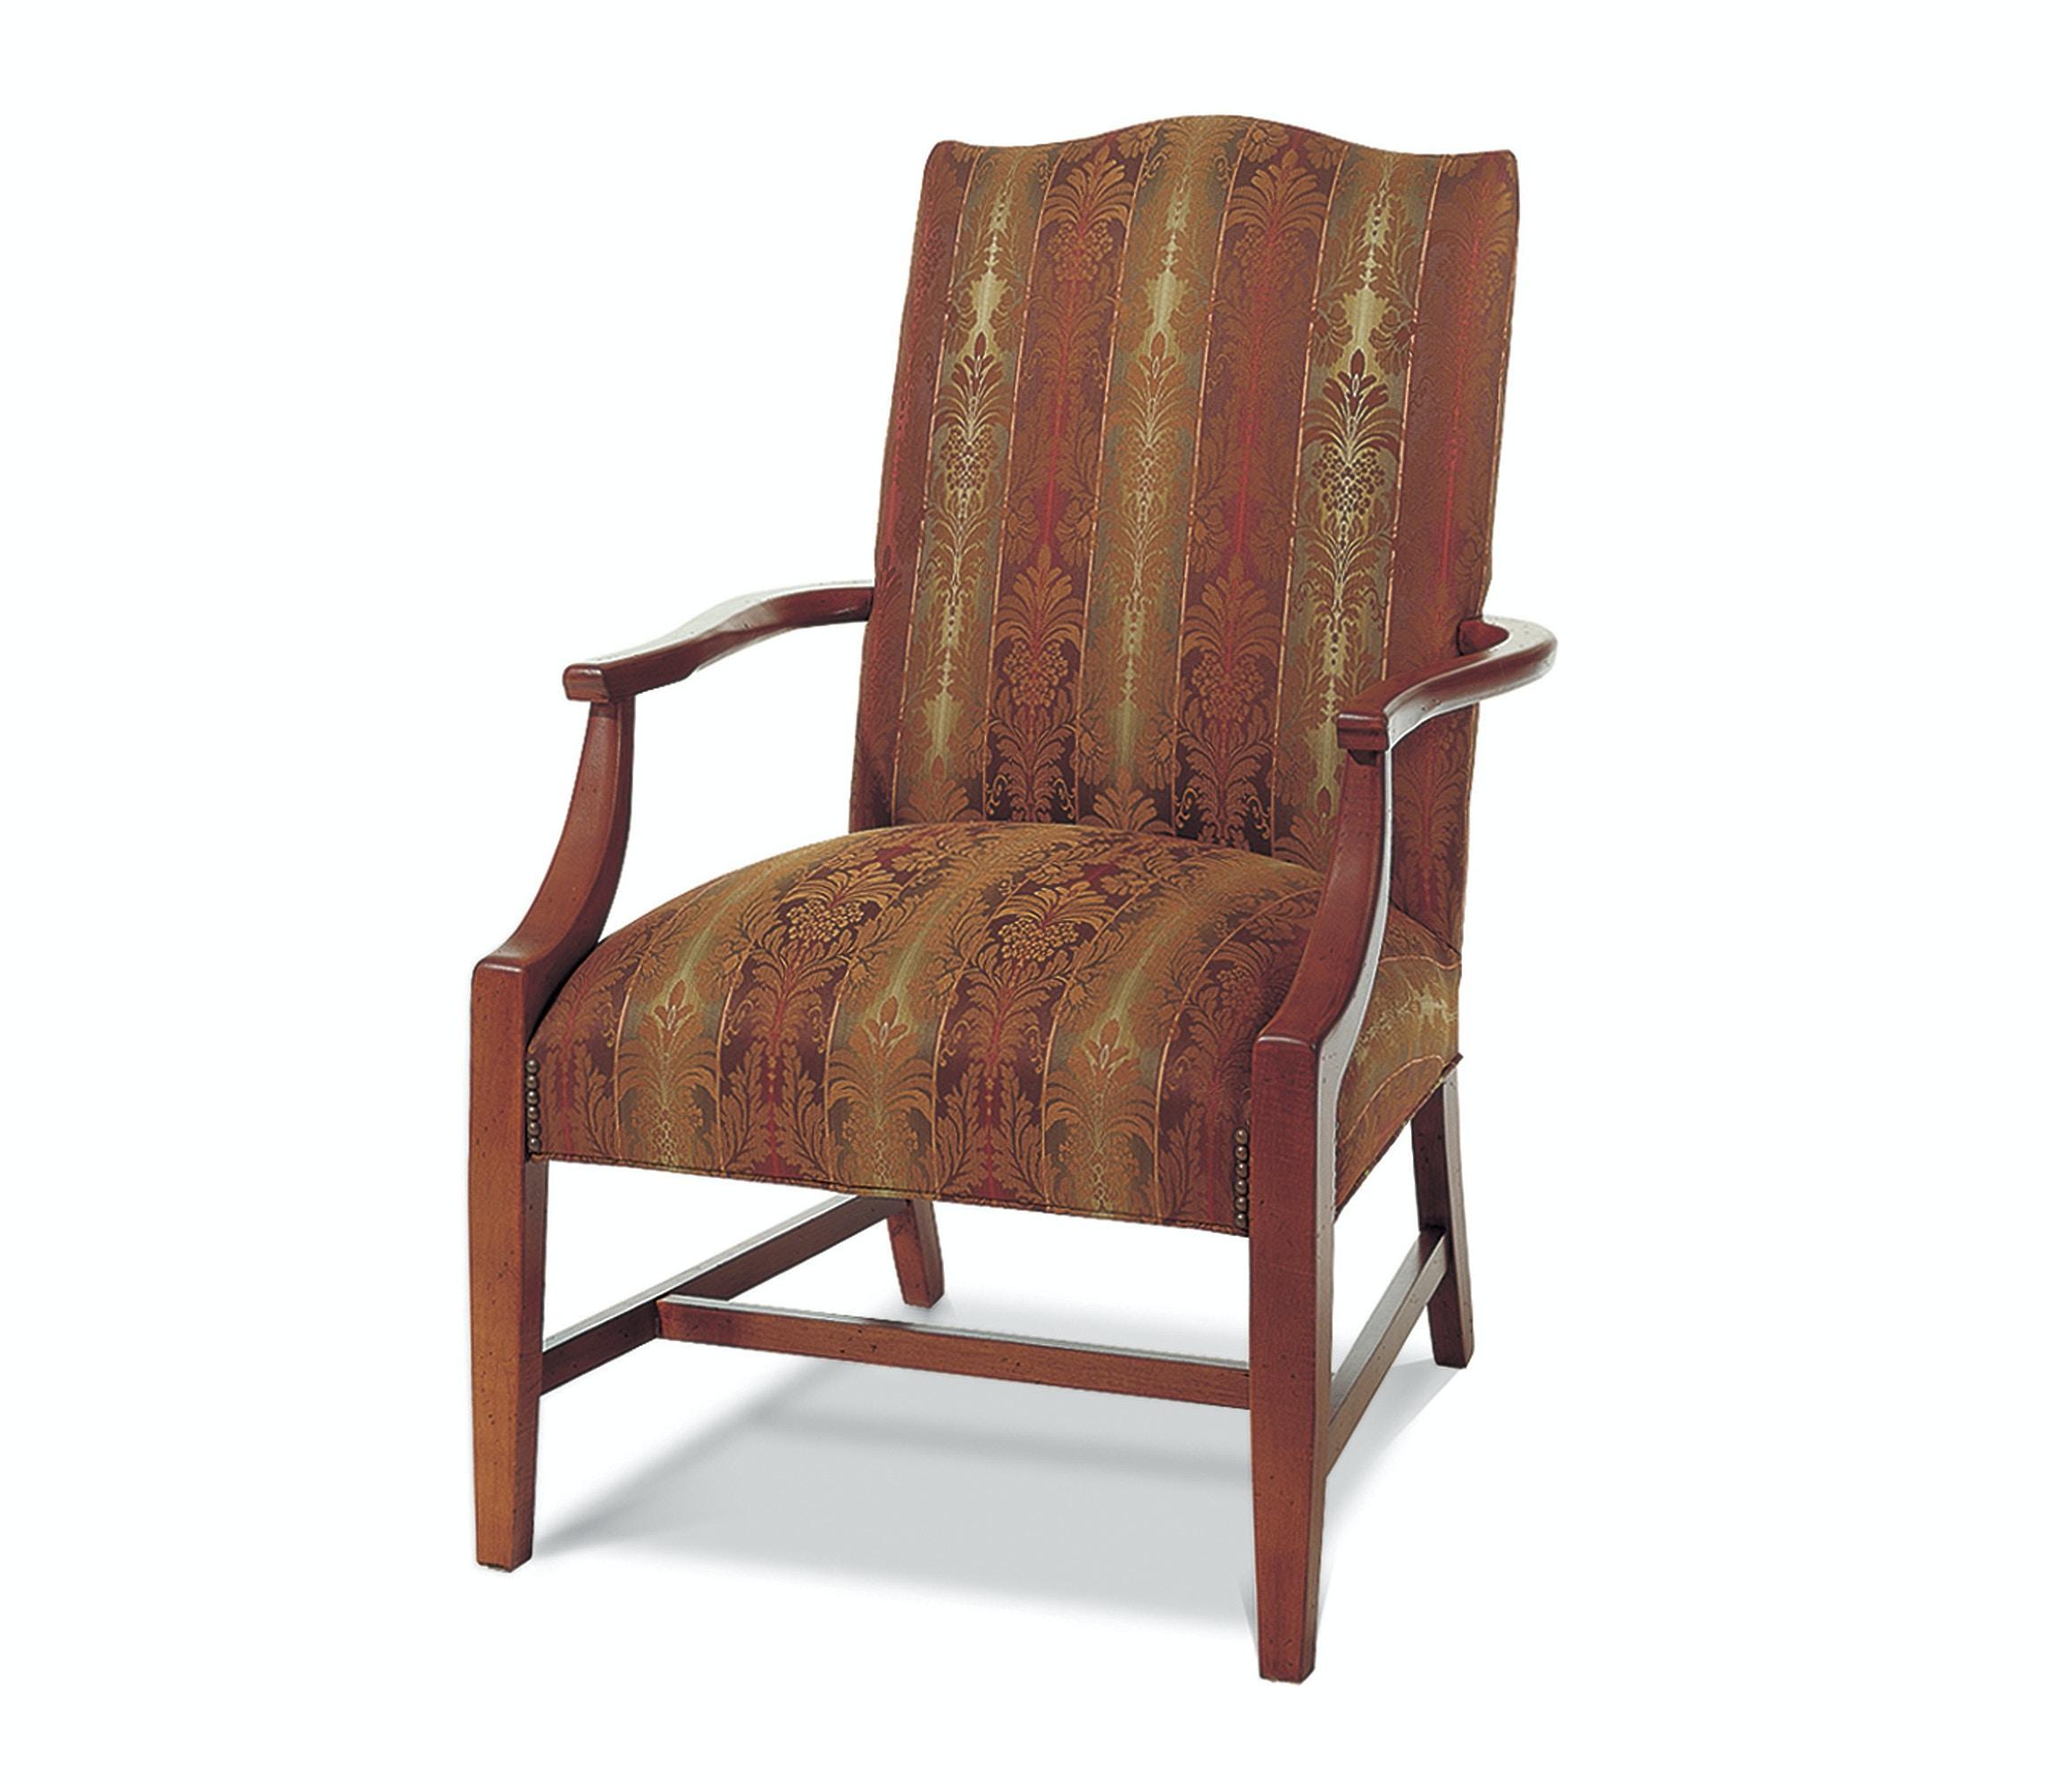 Taylor King Furniture Martha Washington Chair 714